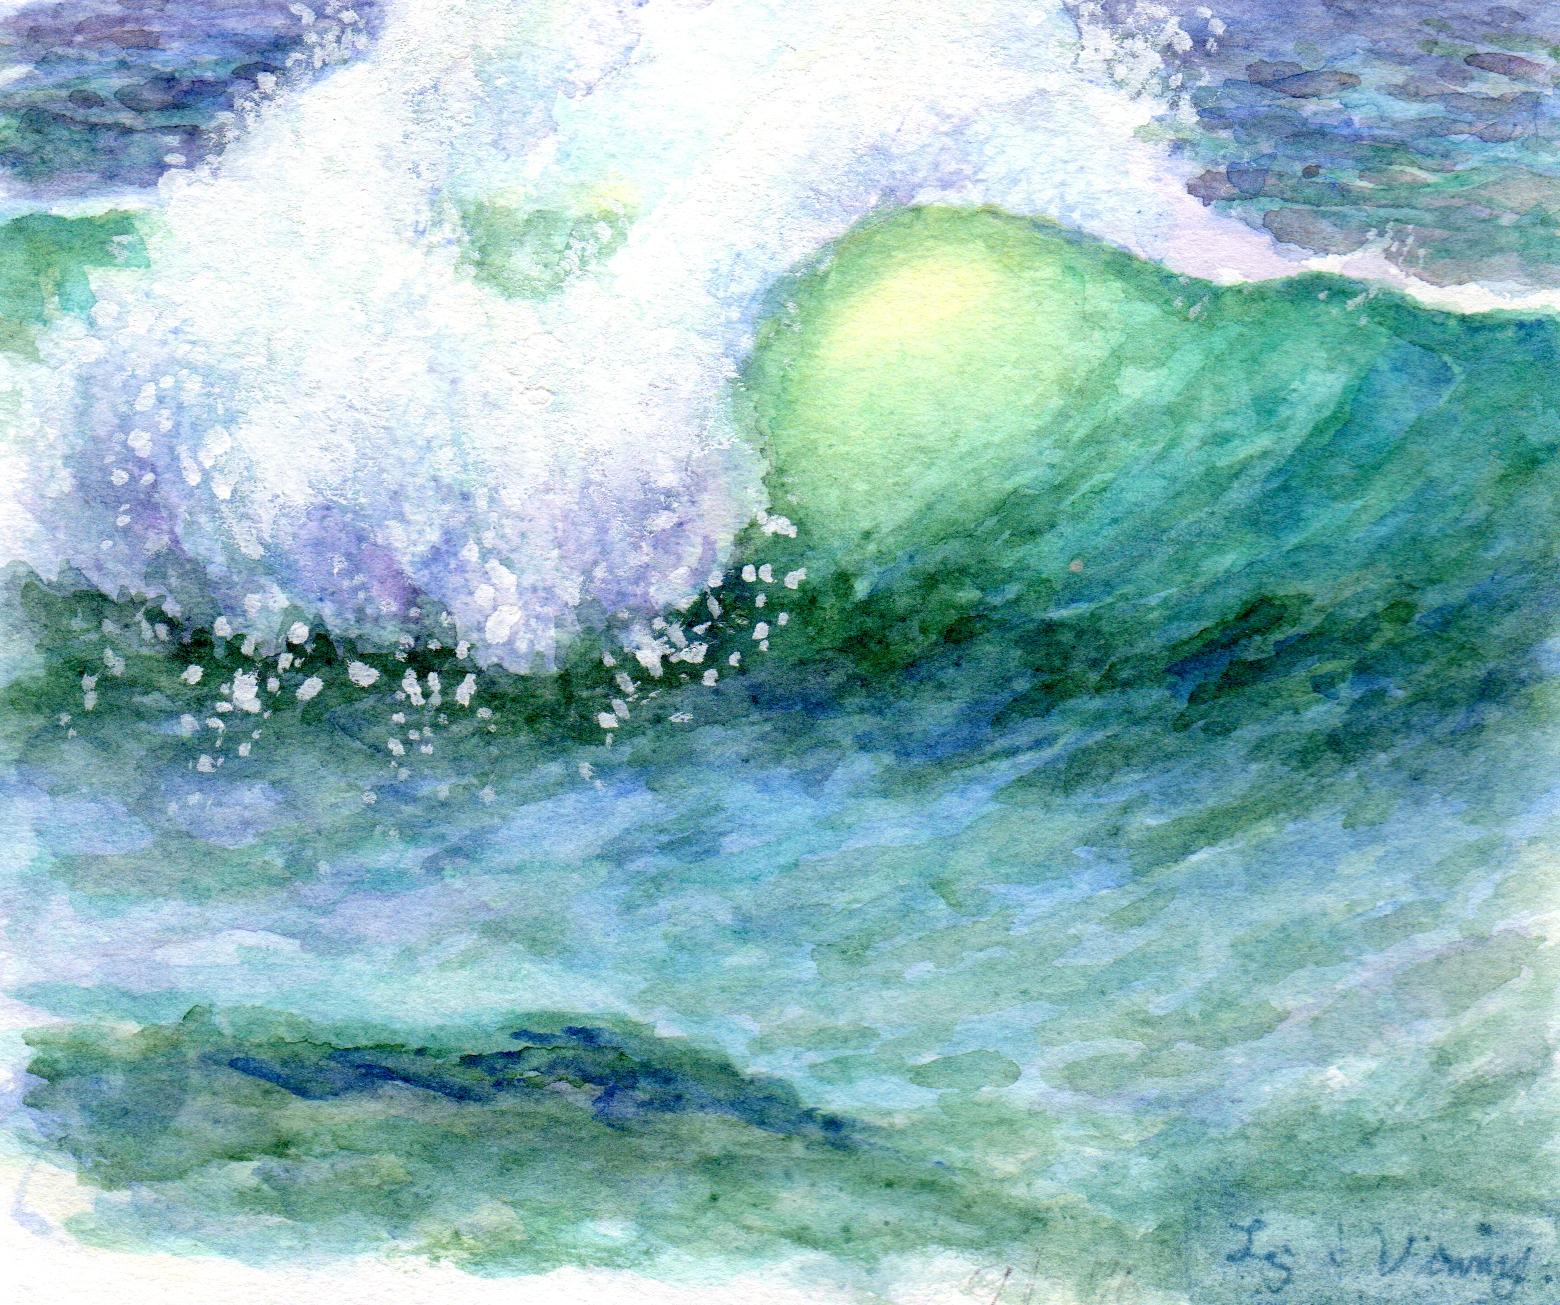 Ocean Wave by Elizabeth Oertel